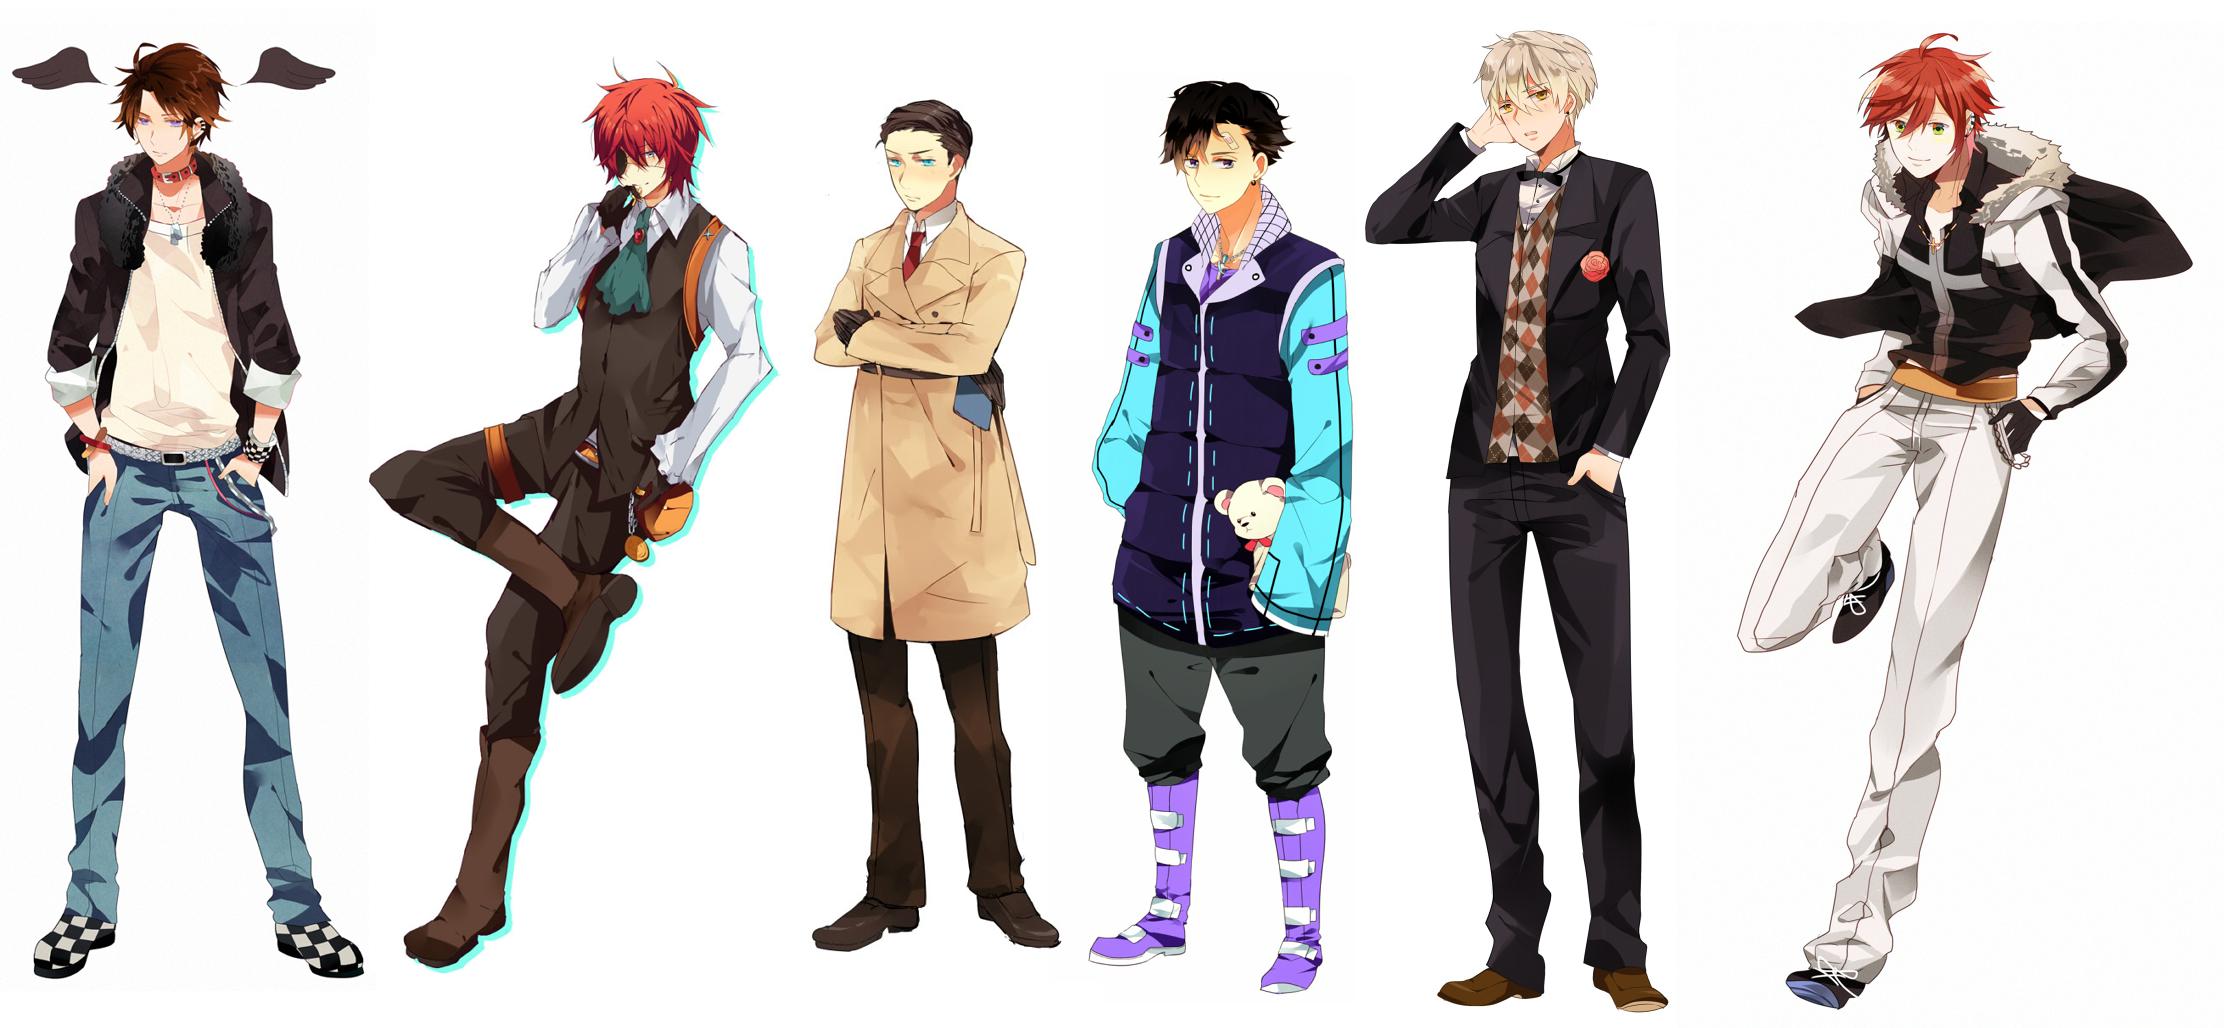 resultado de imagen para anime boy clothing anime boy